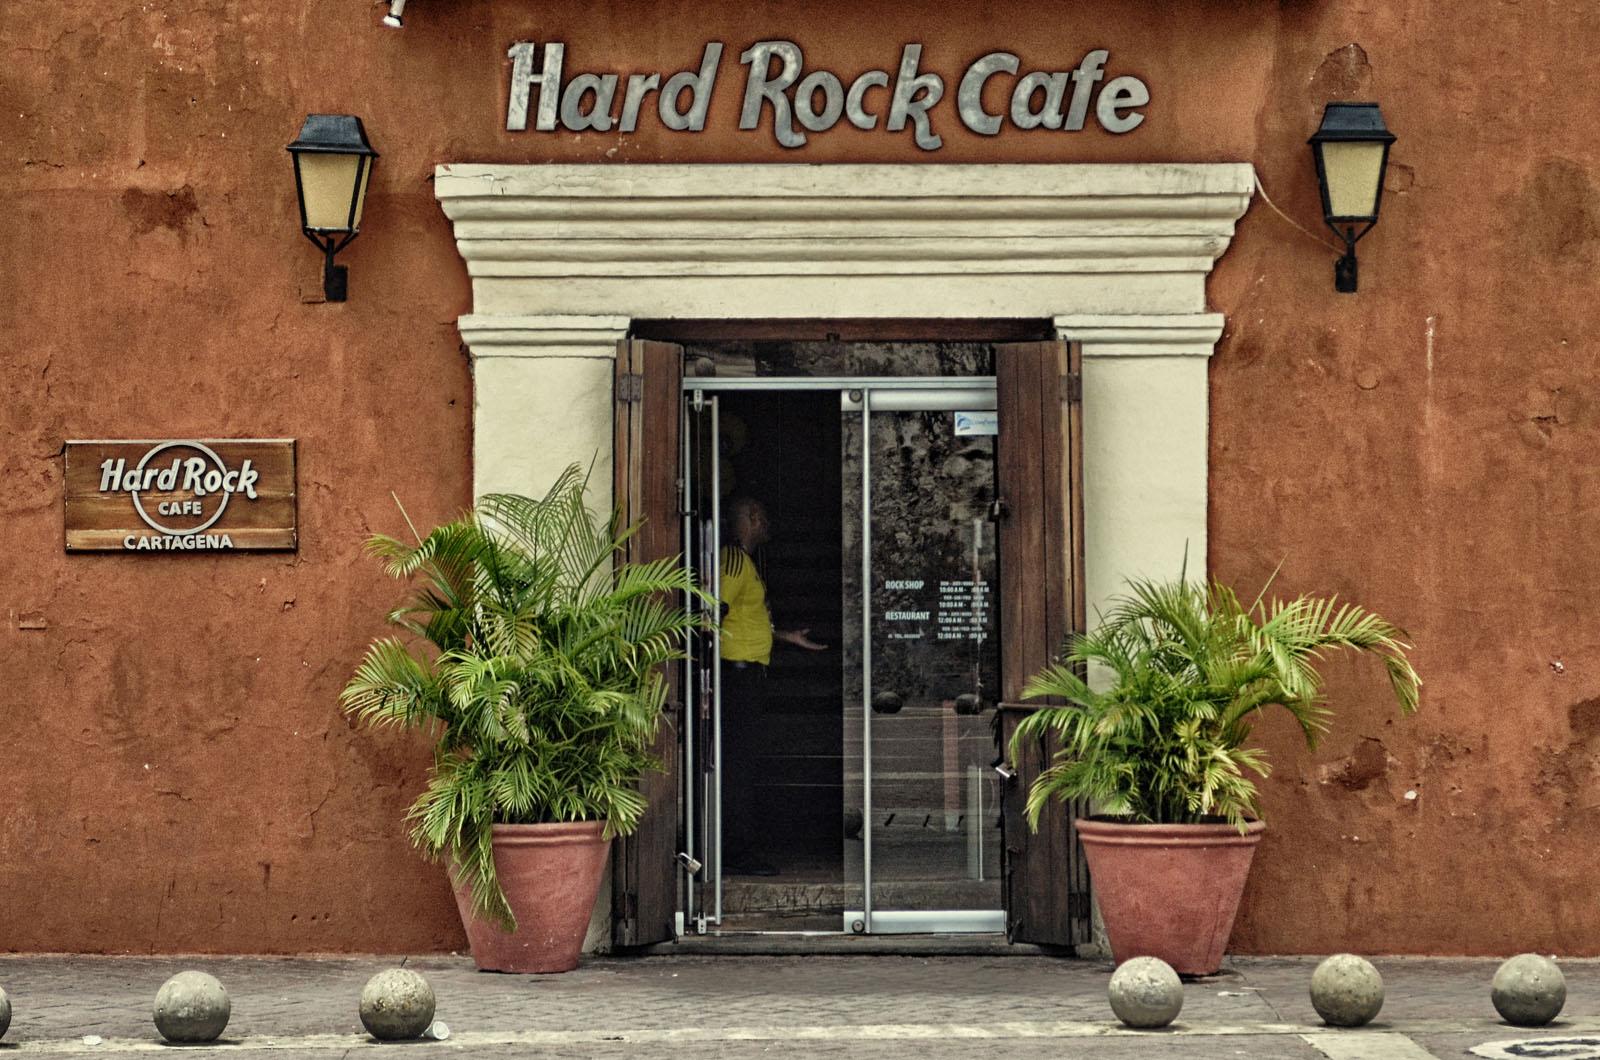 HardRock Café Cartagena entre as Plaza de La Aduana e Plaza de Los Coches